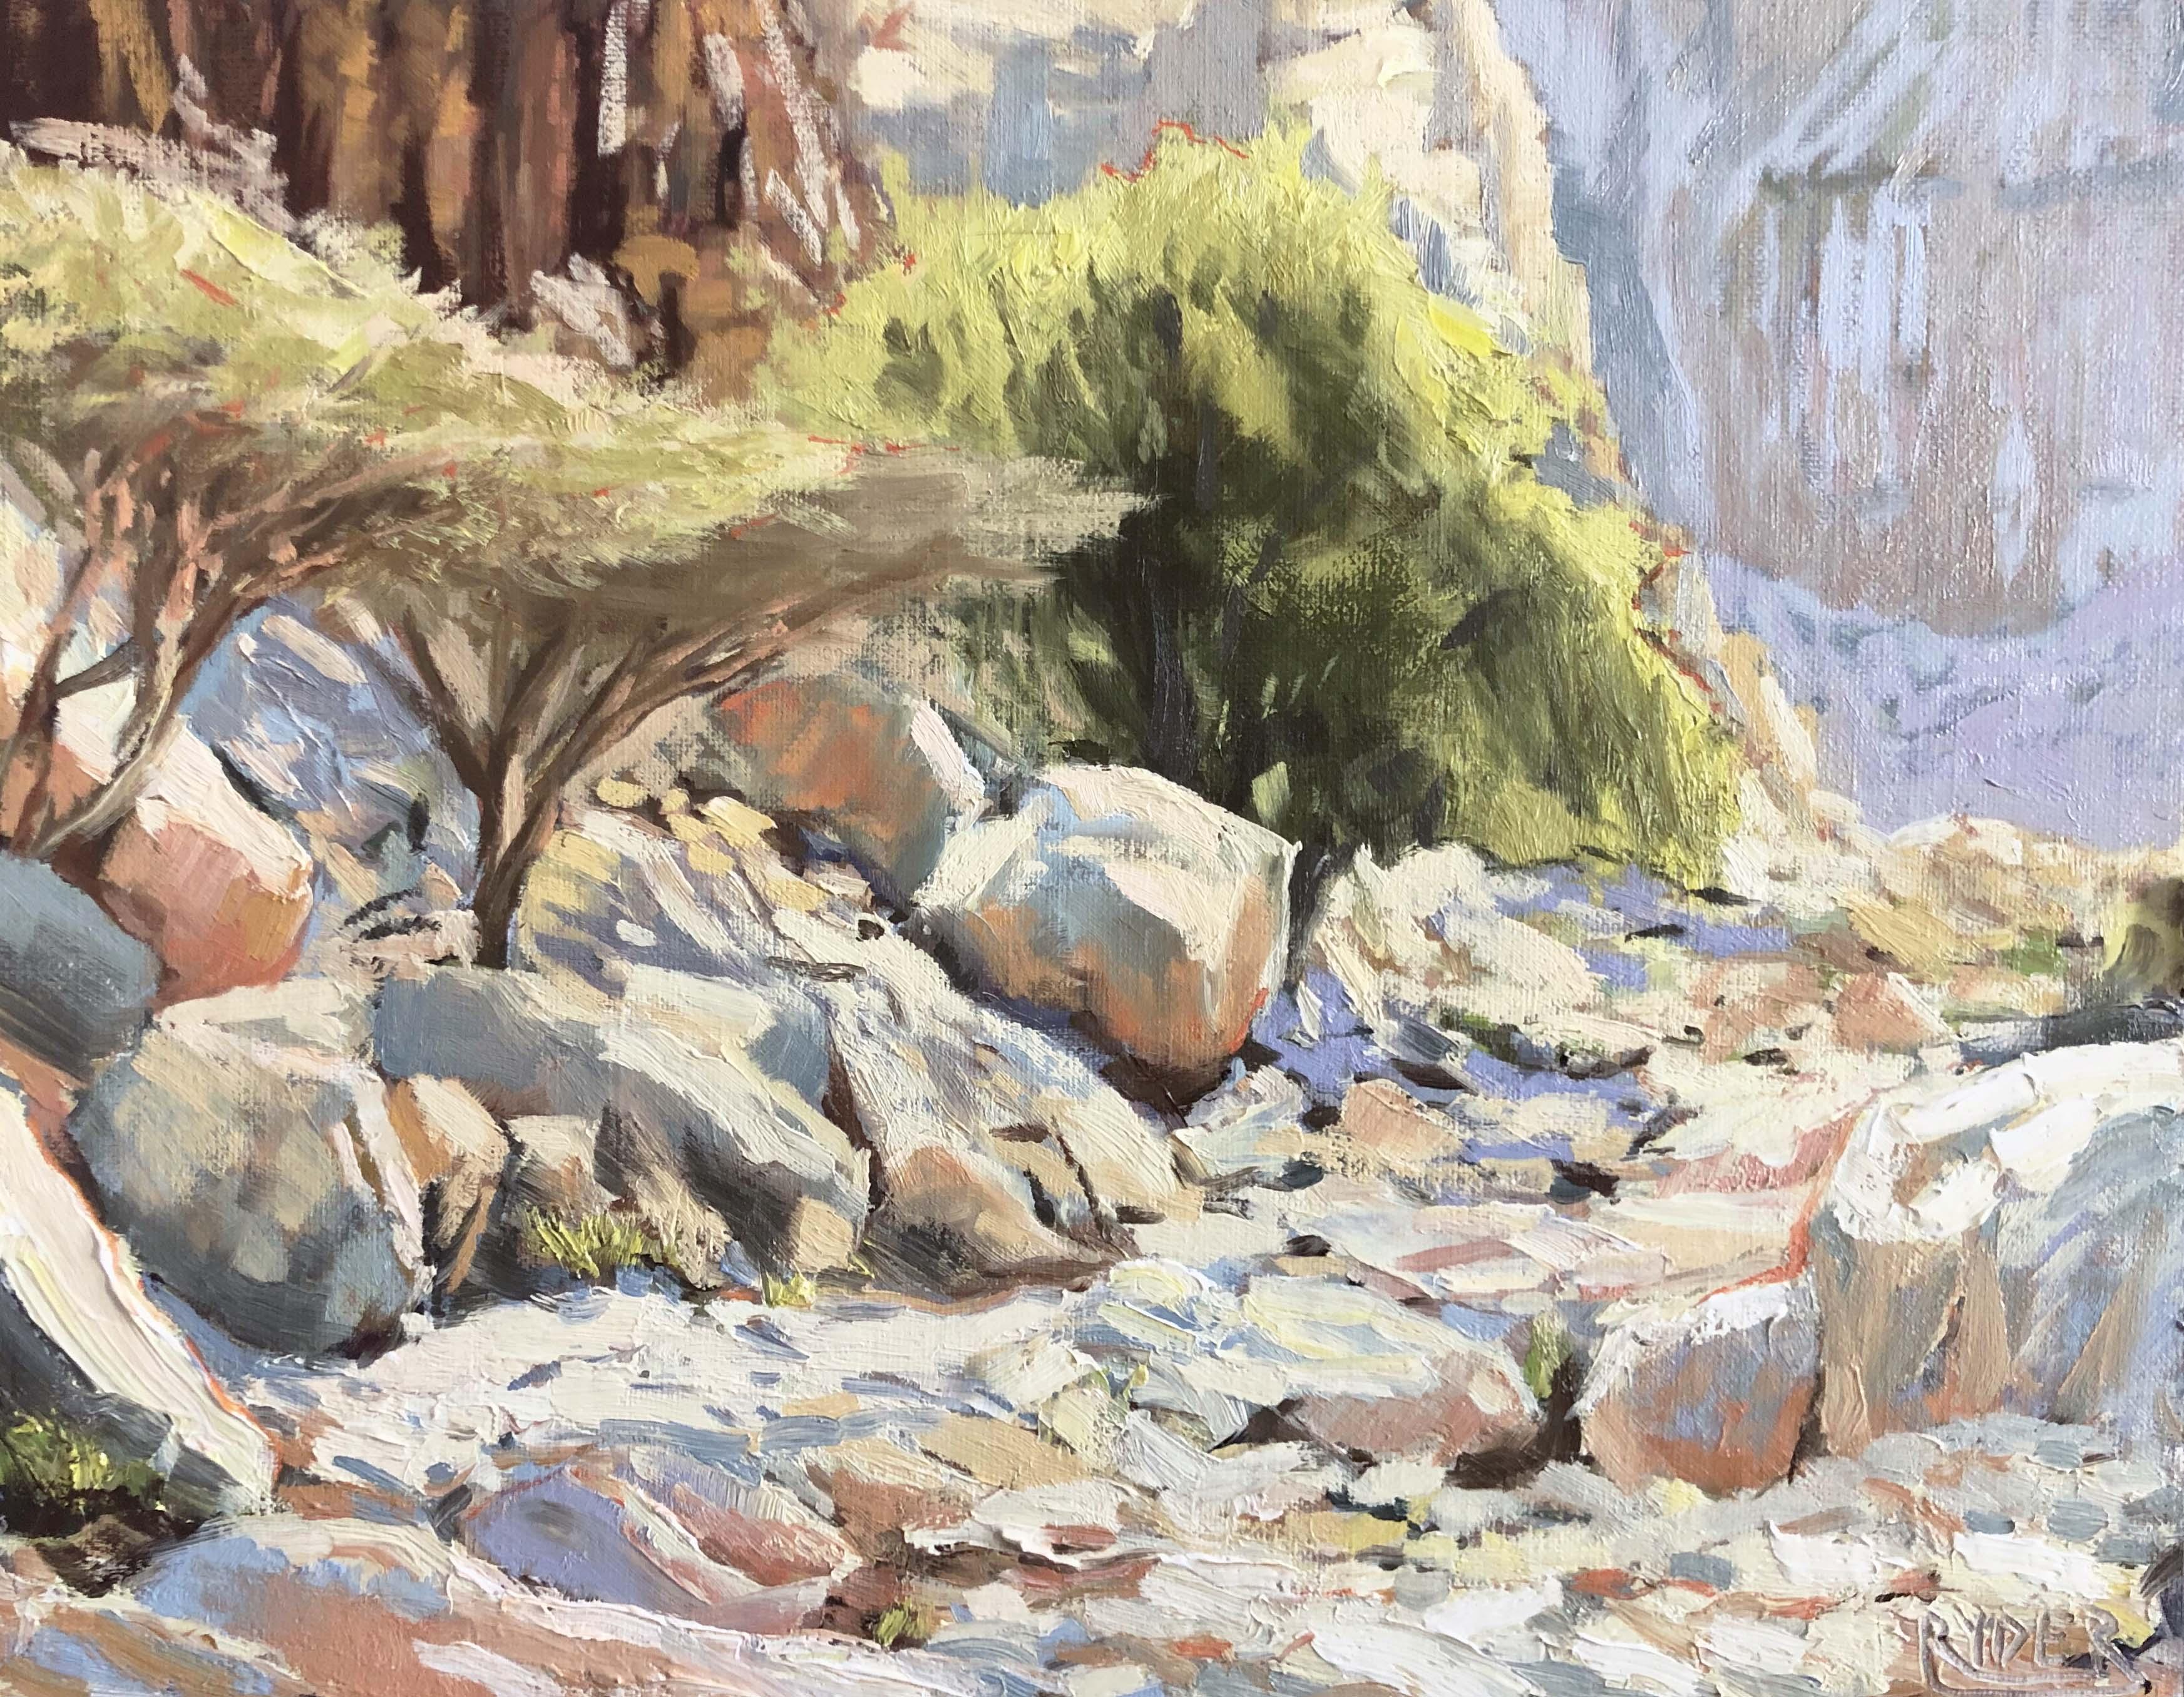 Naqab trail